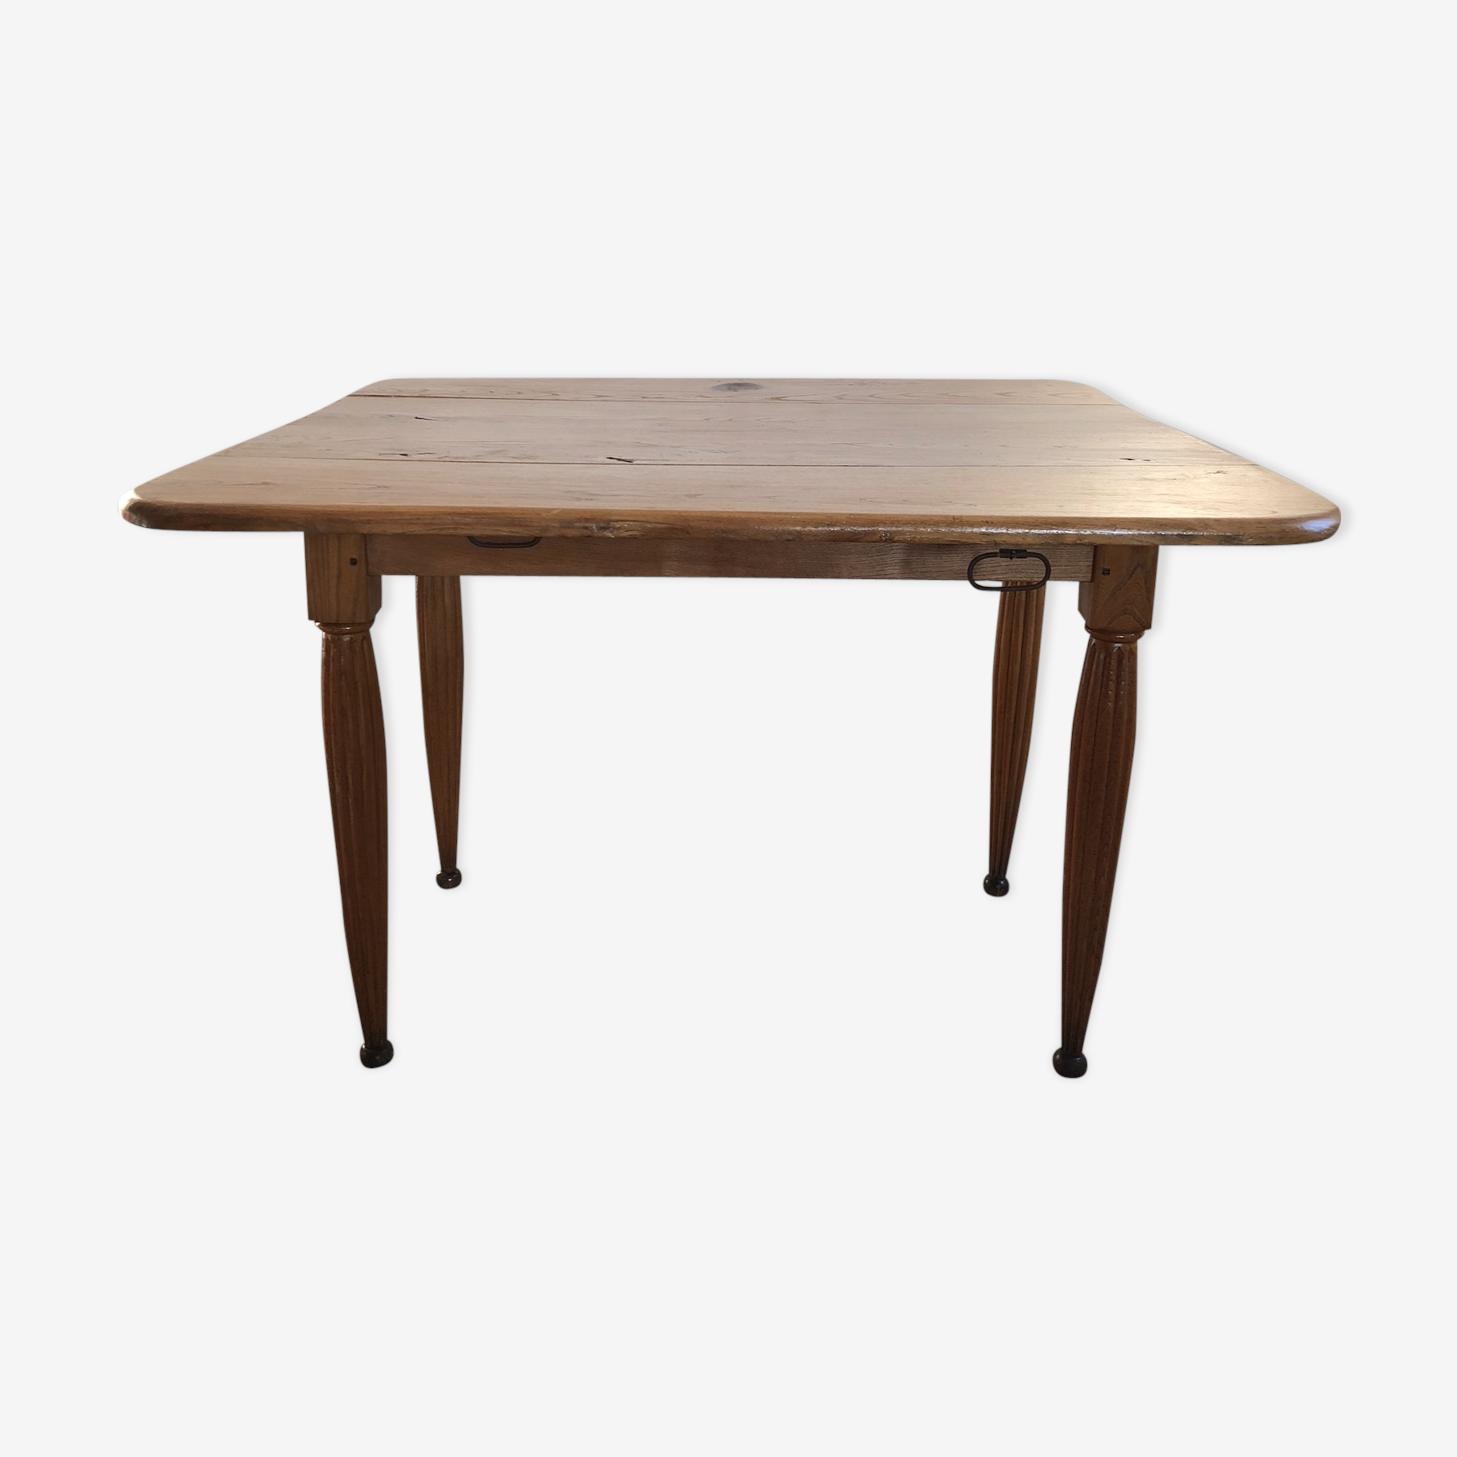 Square Oak farm table